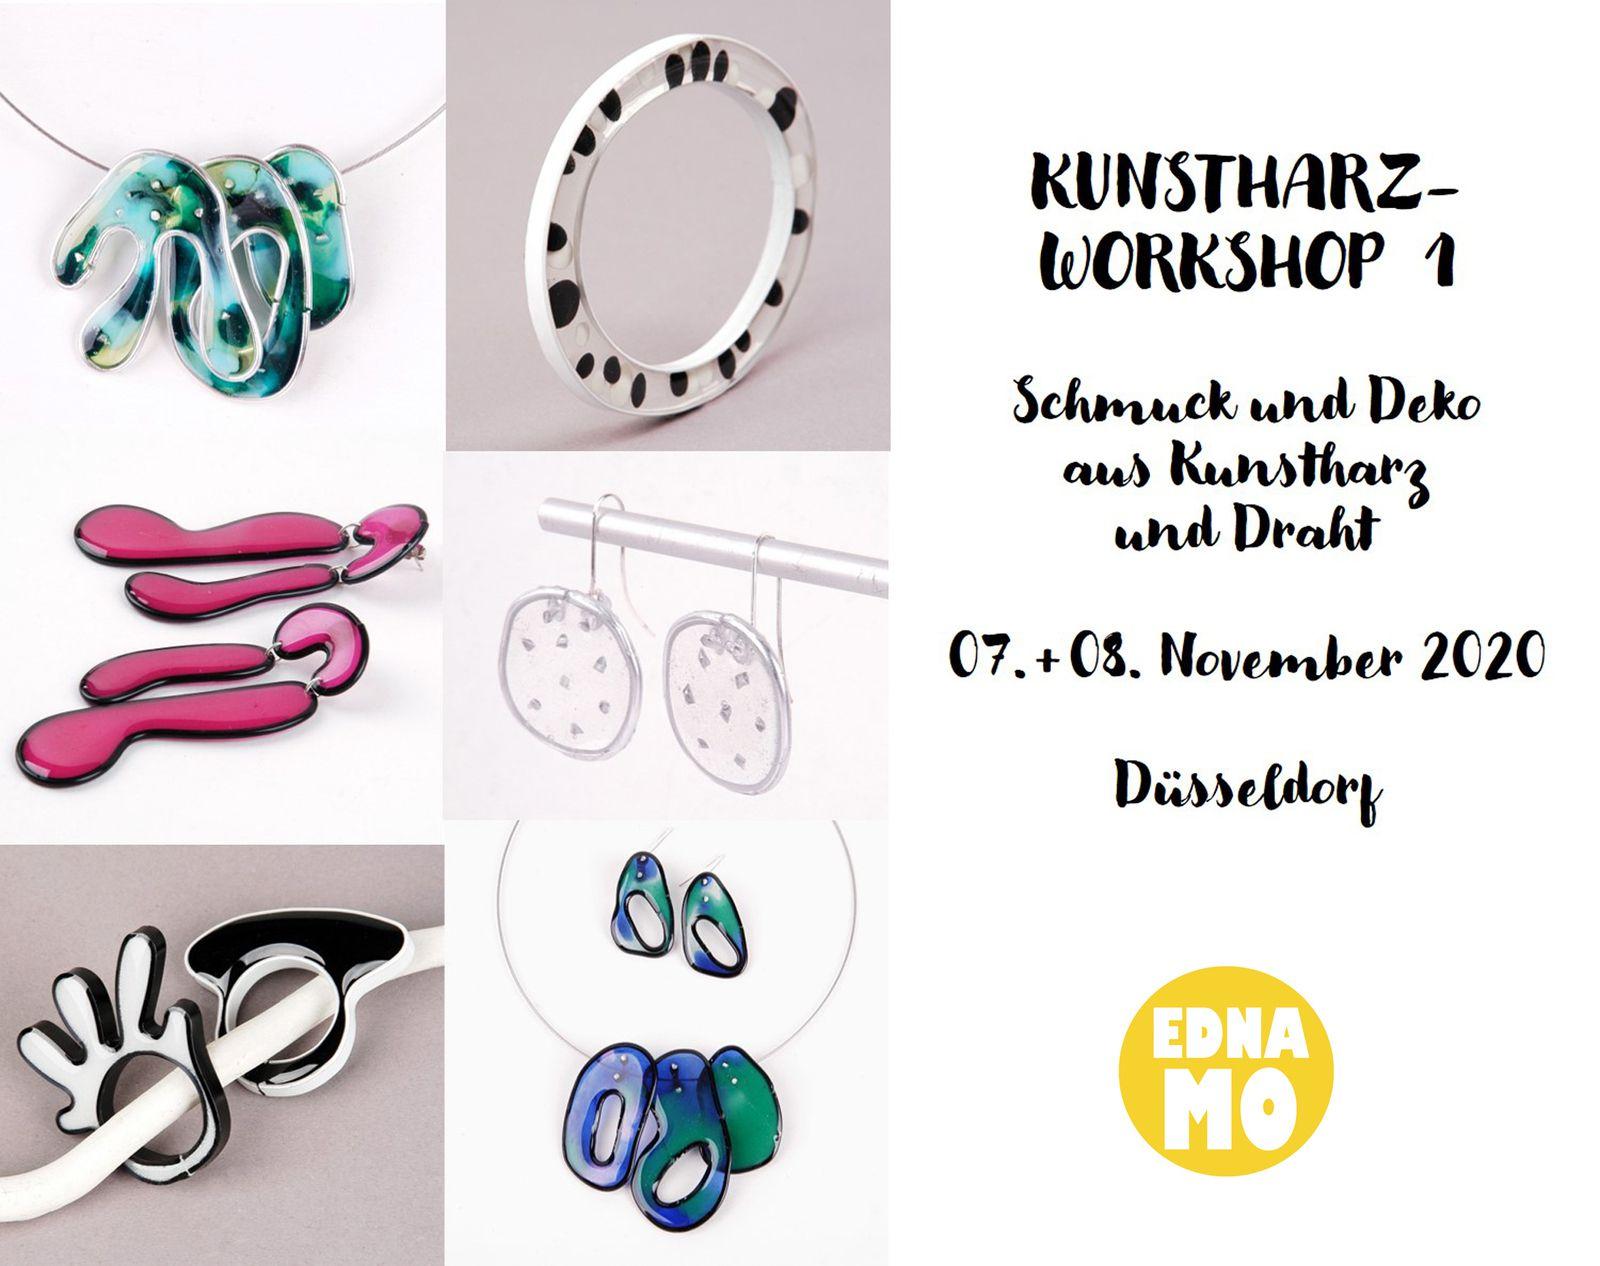 Kunstharz-Workshop in Düsseldorf am 07.+ 08.11.2020 von Edna Mo